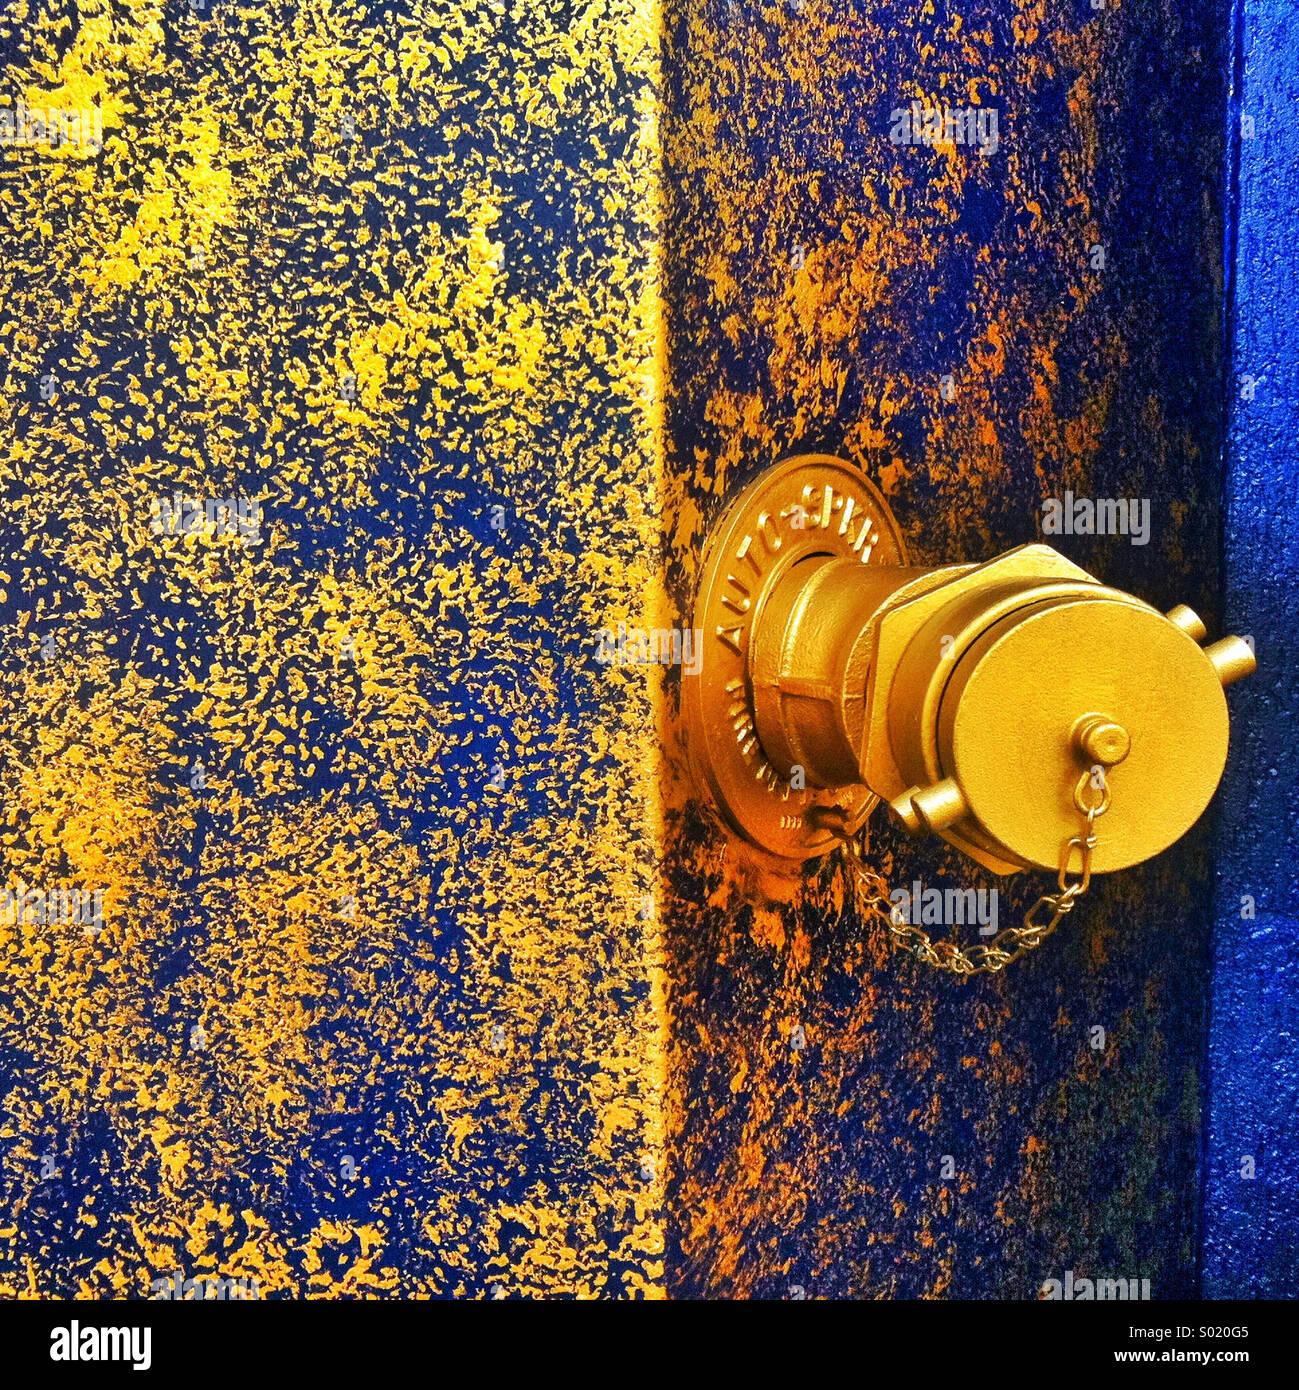 Un robinet d'eau d'or dépasse d'un bâtiment peint avec peinture or Photo Stock